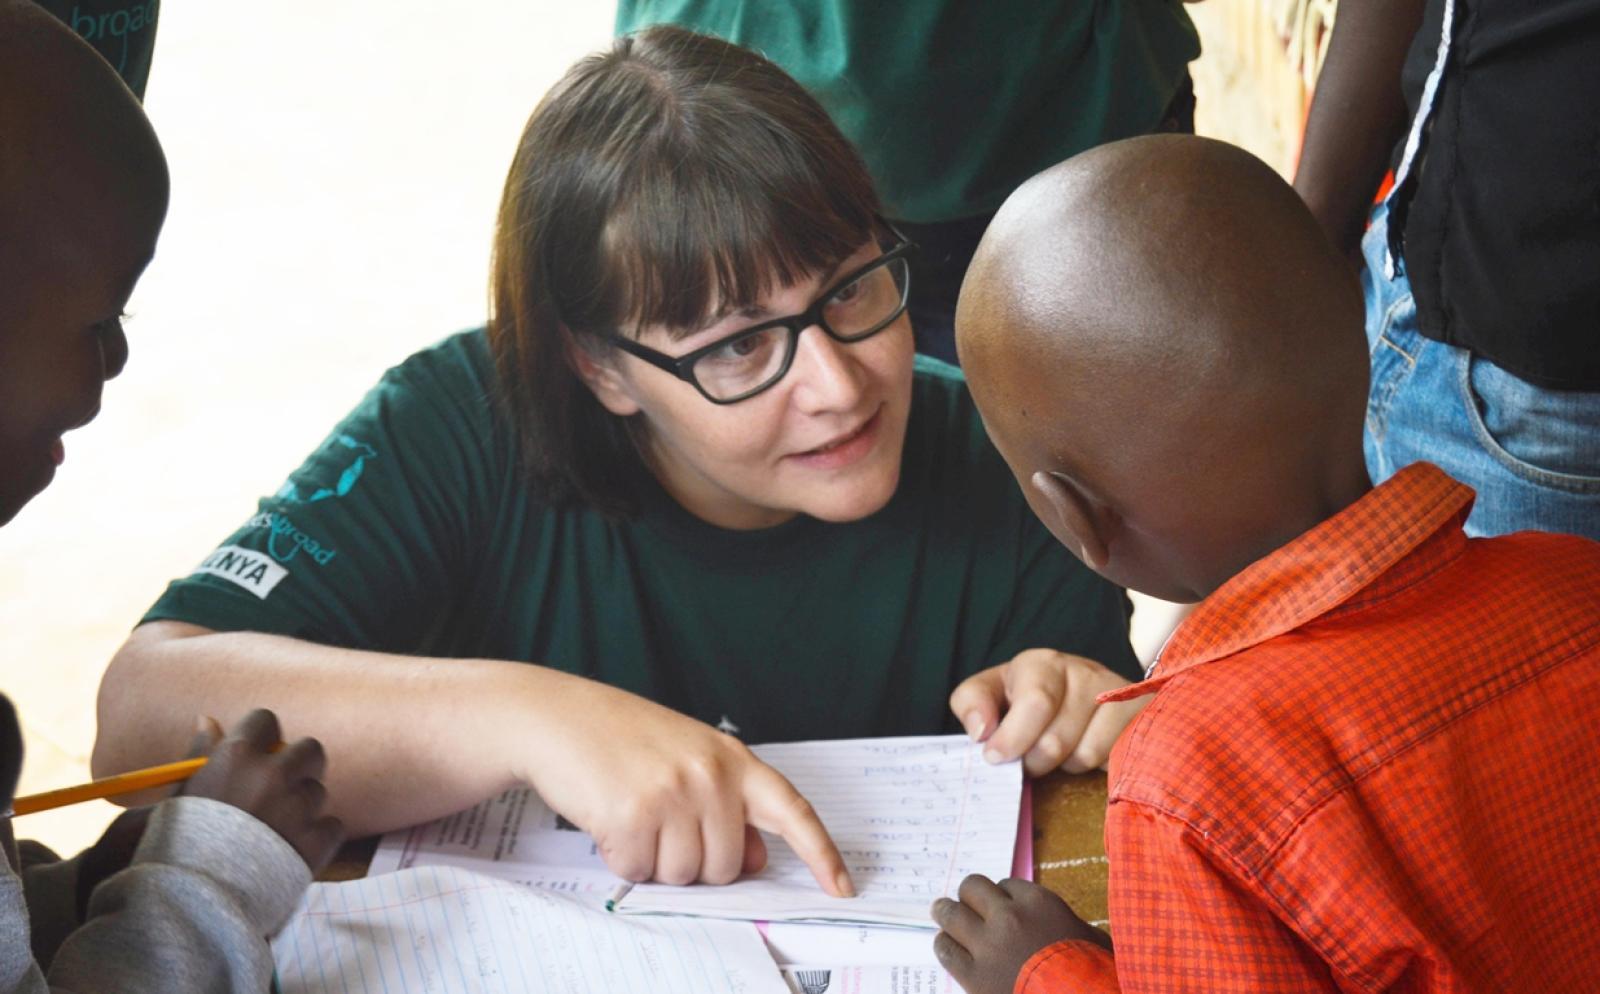 ケニアの子供の学習をサポートする教育ボランティア